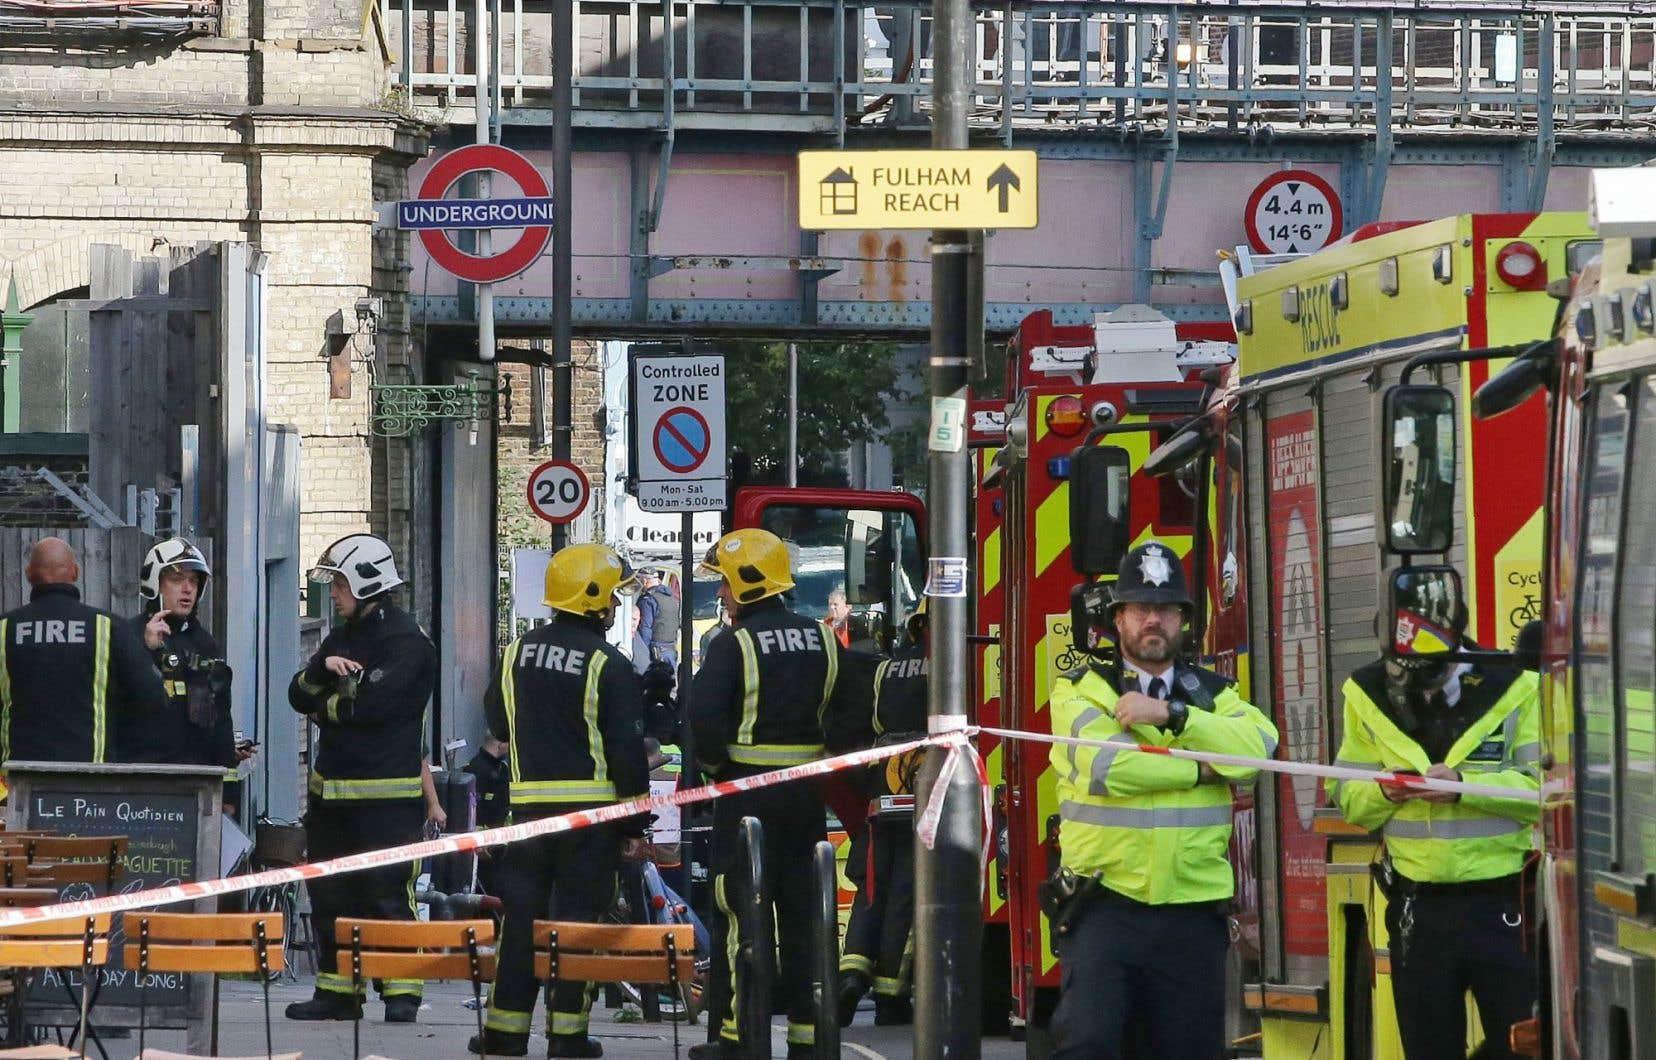 Dans la matinée, les environs de la station de Parsons Green, située dans un quartier aisé du sud-ouest de Londres, étaient bouclés par la police, qui a dressé un cordon de sécurité et posté des hommes équipés de fusils d'assaut.